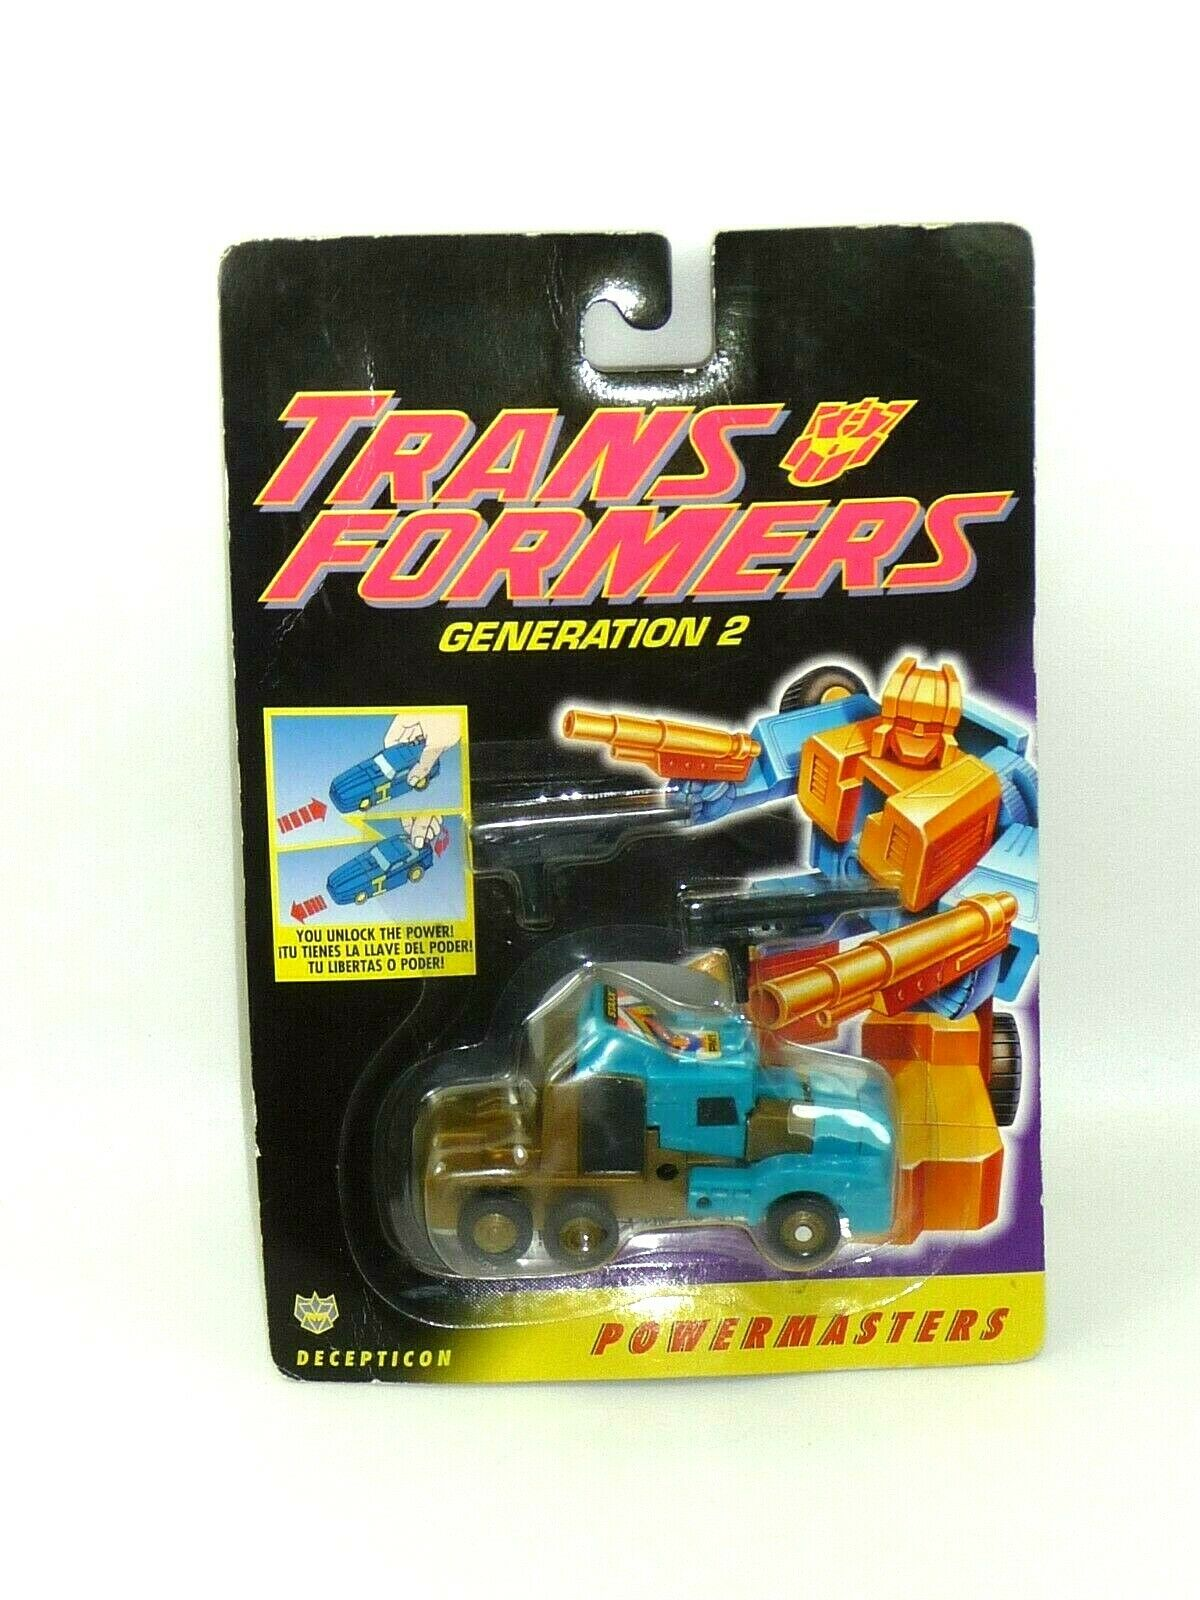 Transformers G2 Staxx powermasters Decepticon 1994 European Hasbro NOS